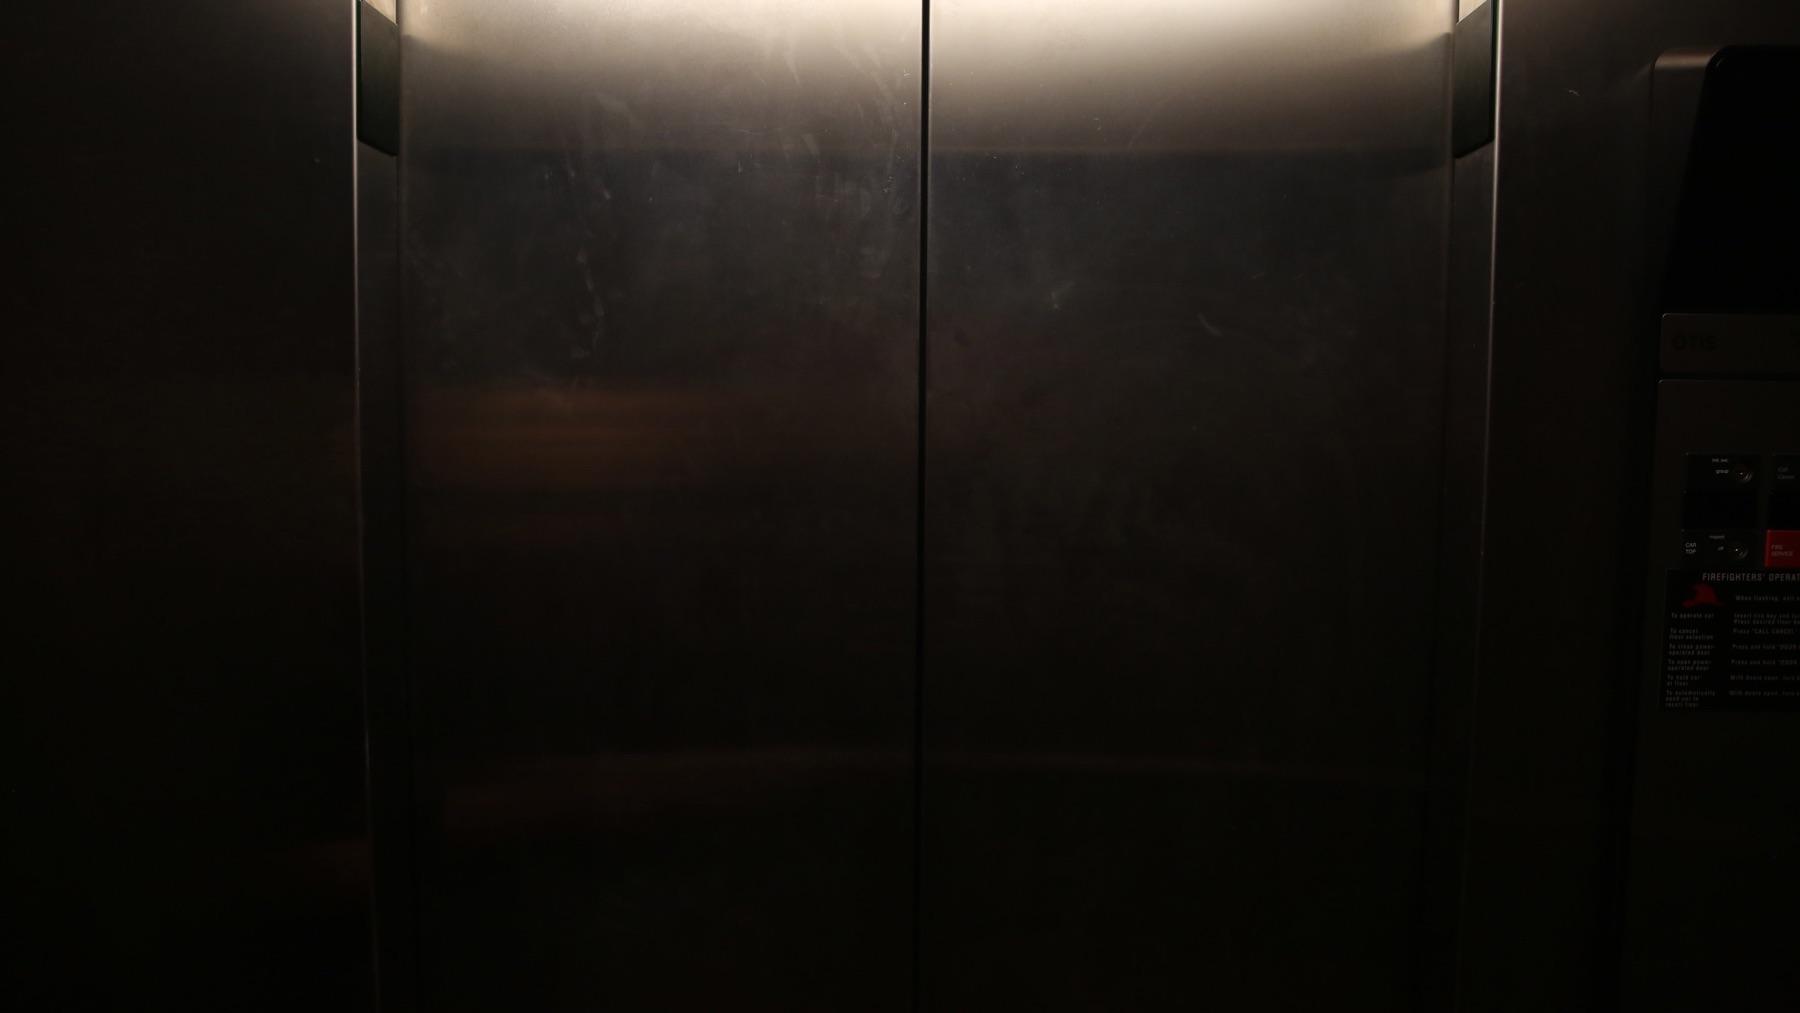 ELEVATOR B1